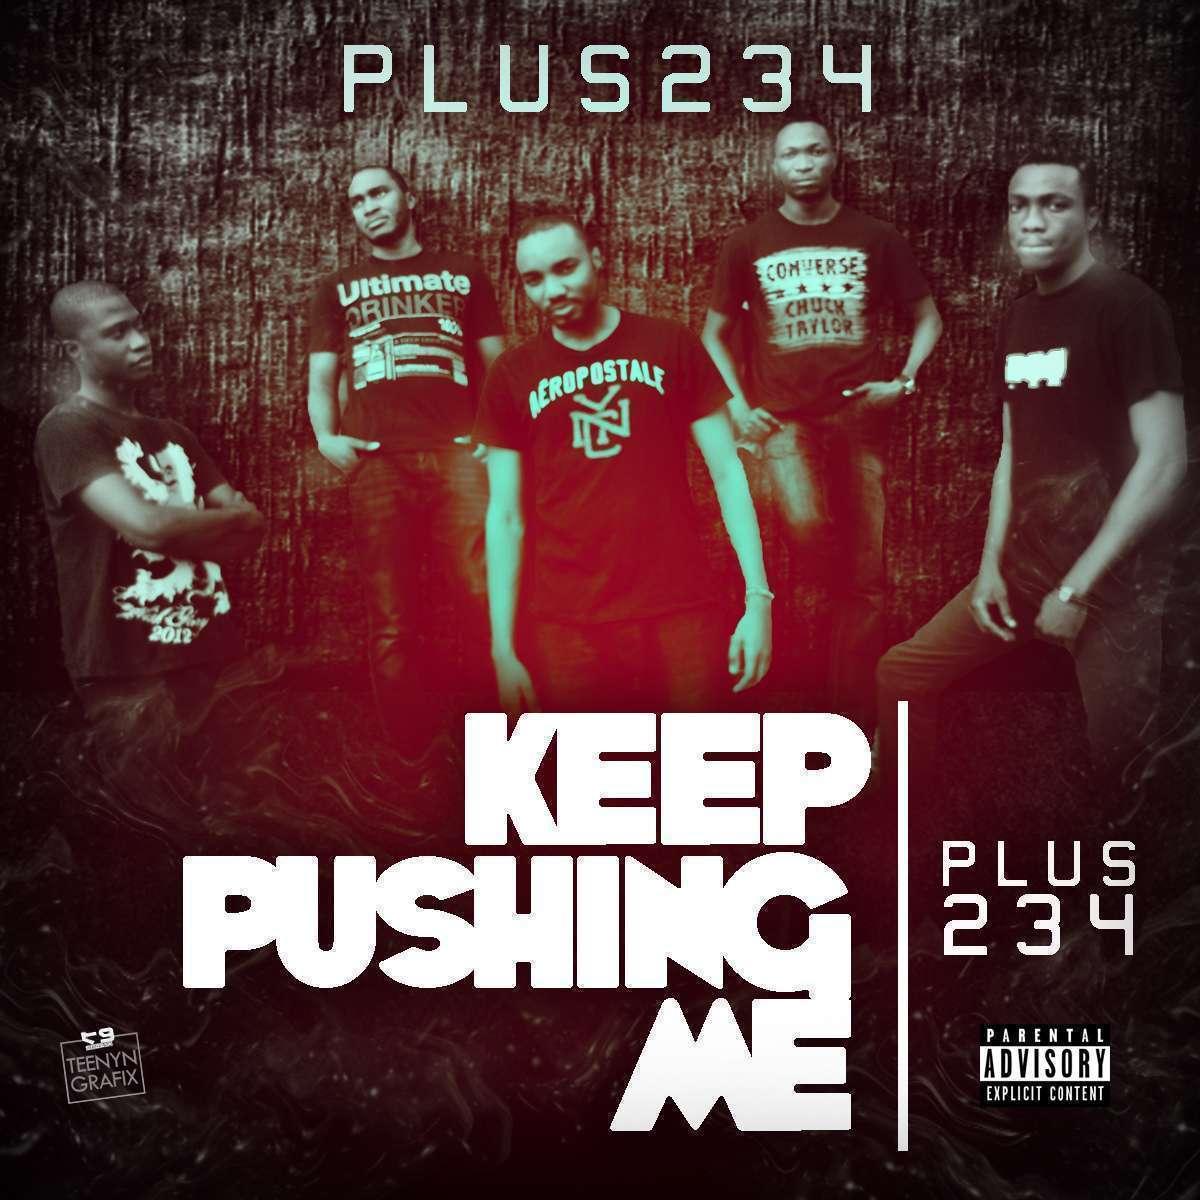 Plus234 - Keep Pushing Me